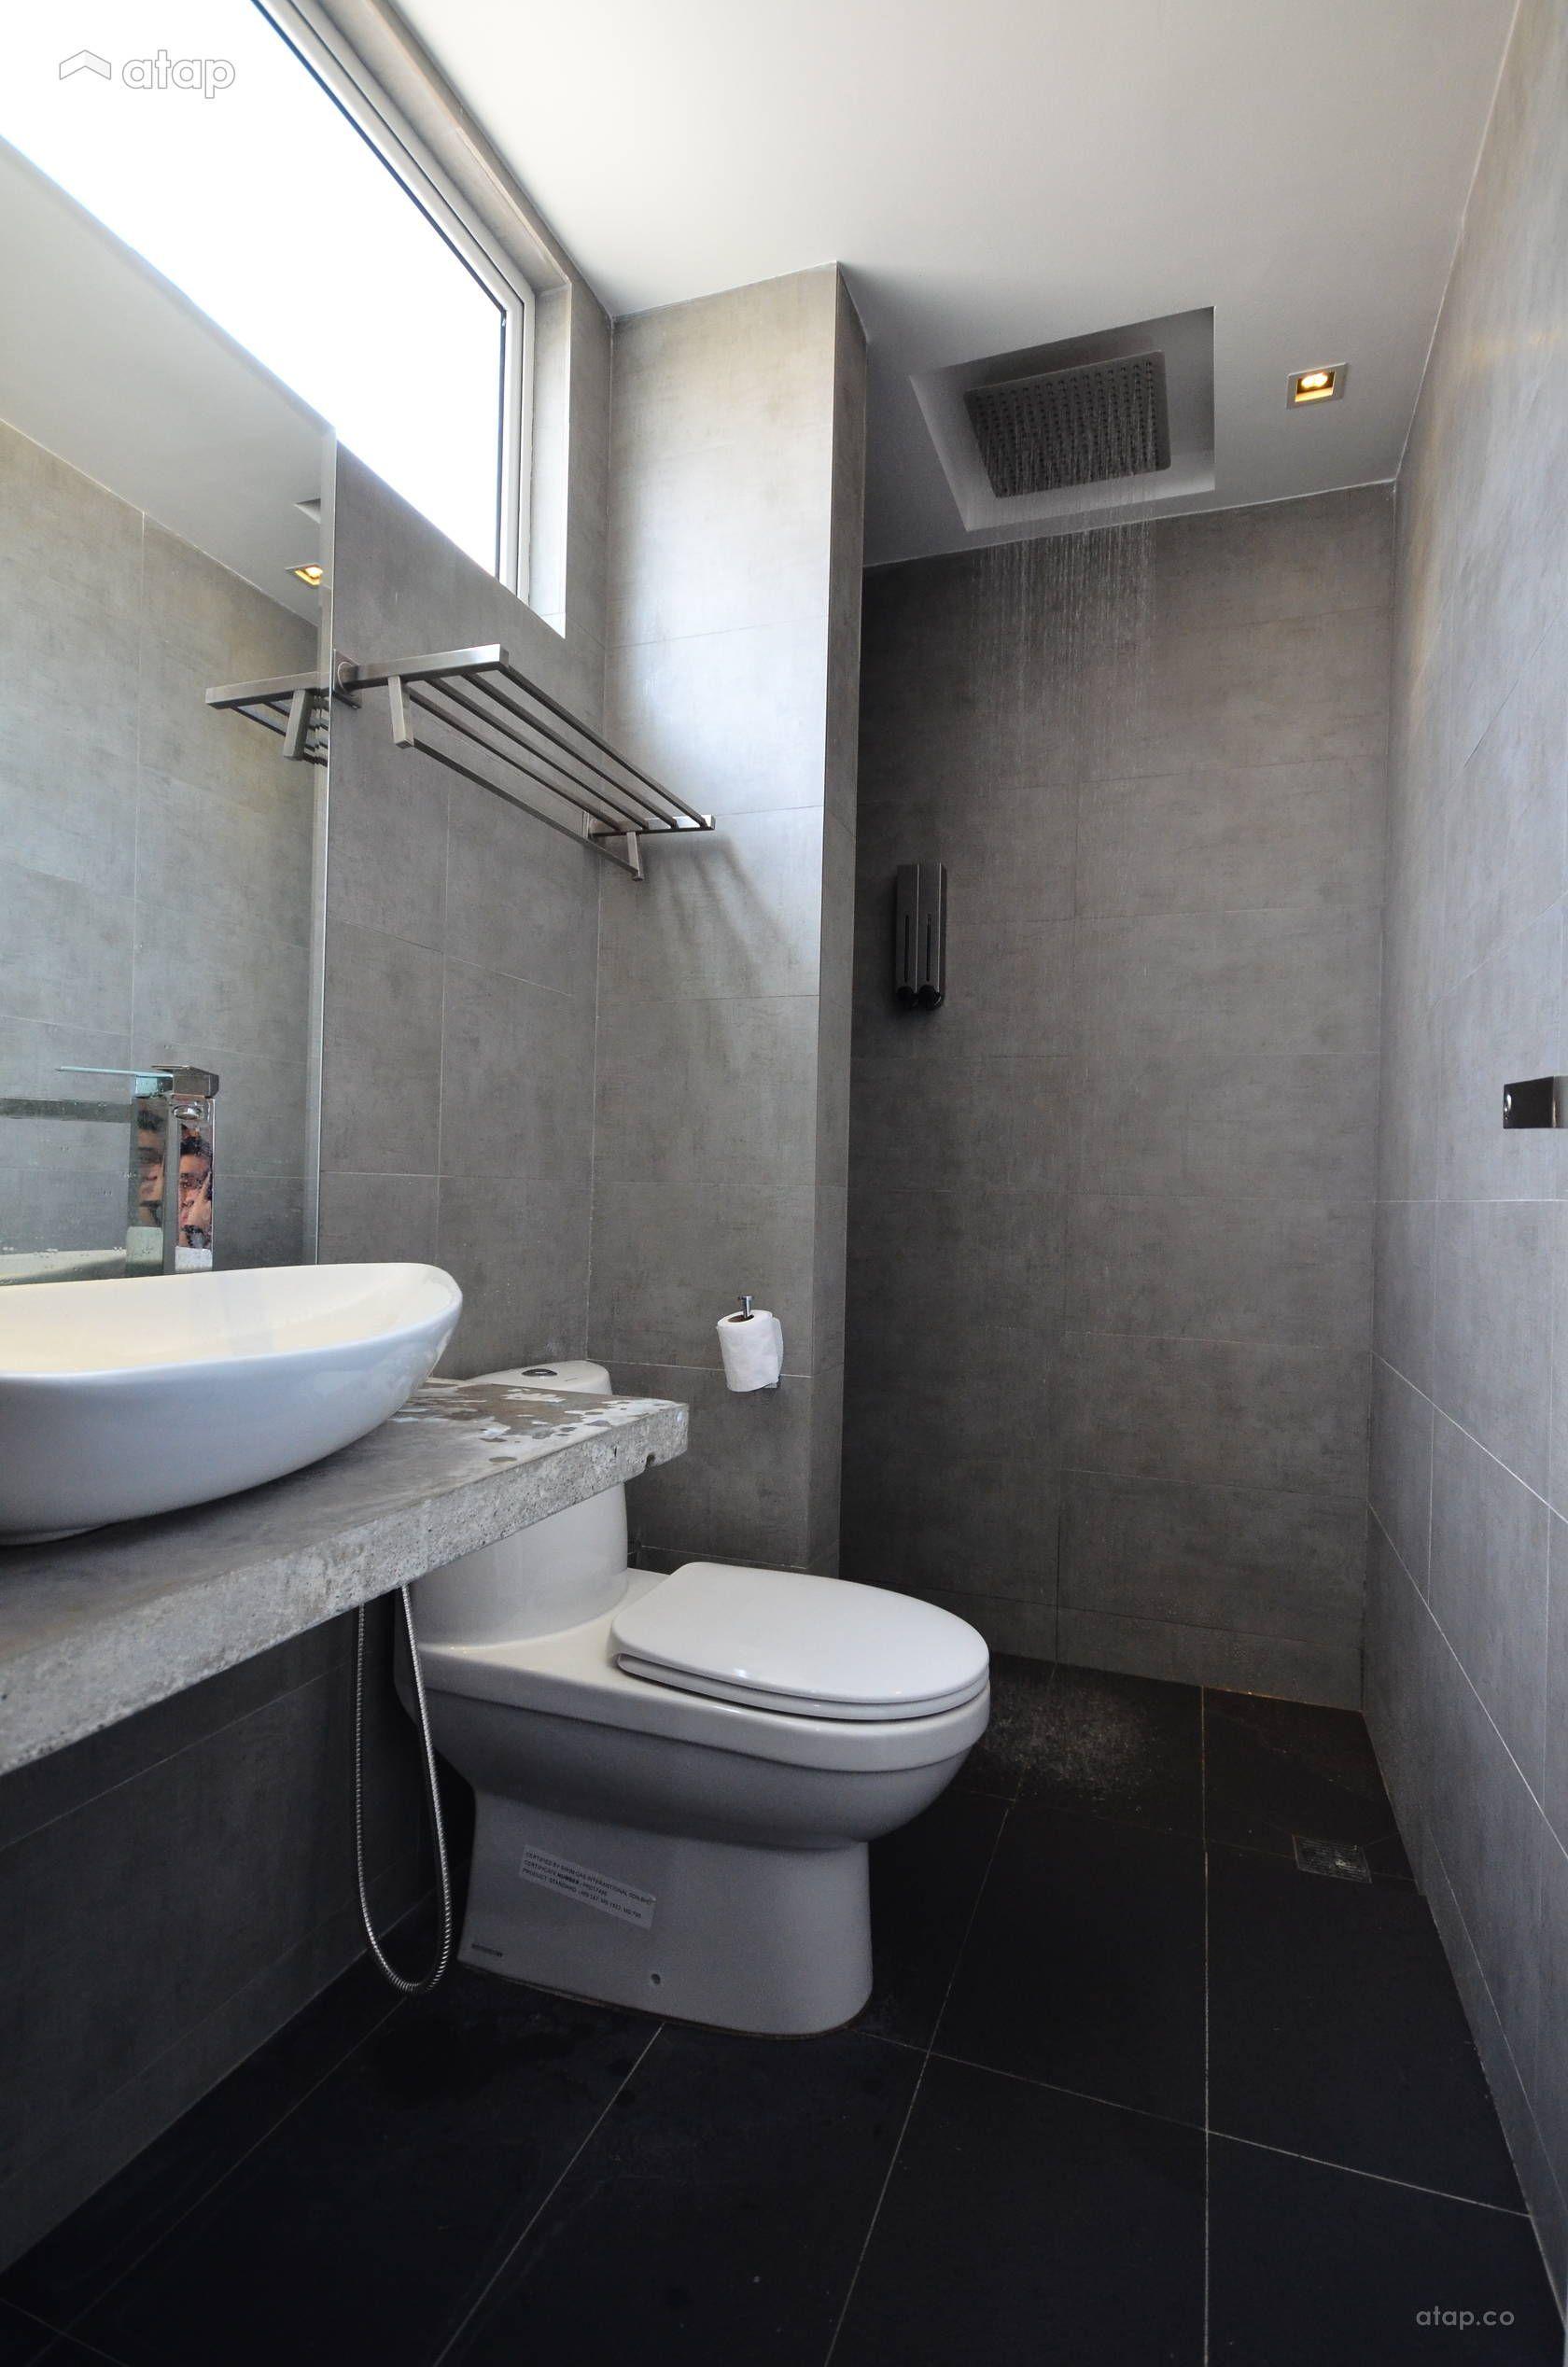 Modern Bathroom Condominium Design Ideas Photos Malaysia Atap Co Bathroomdesignmalaysia Bathroom Tile Designs Small Bathroom Tiles Modern Bathroom Design